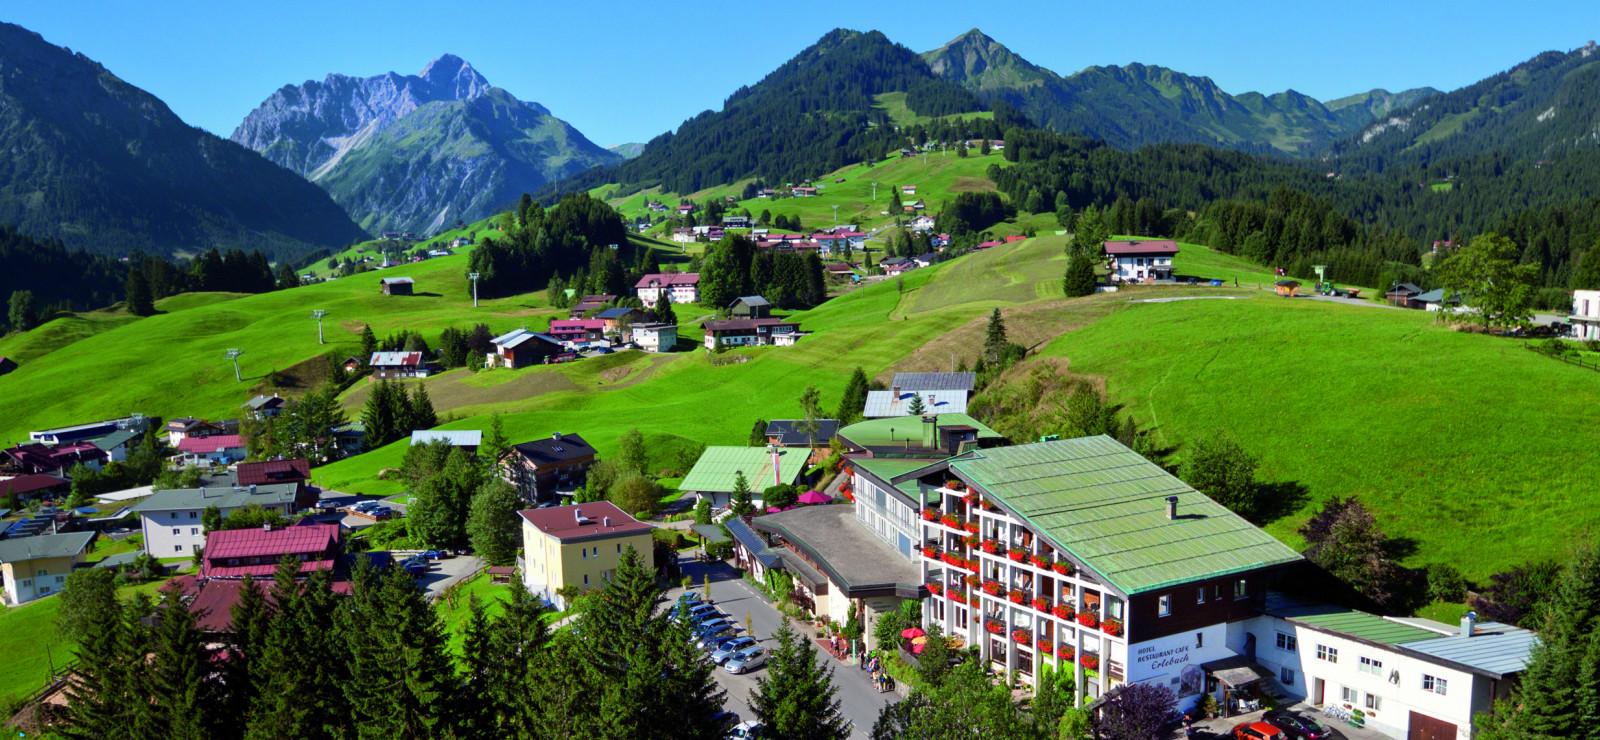 Hotel Erlebach Bilder | Bild 1